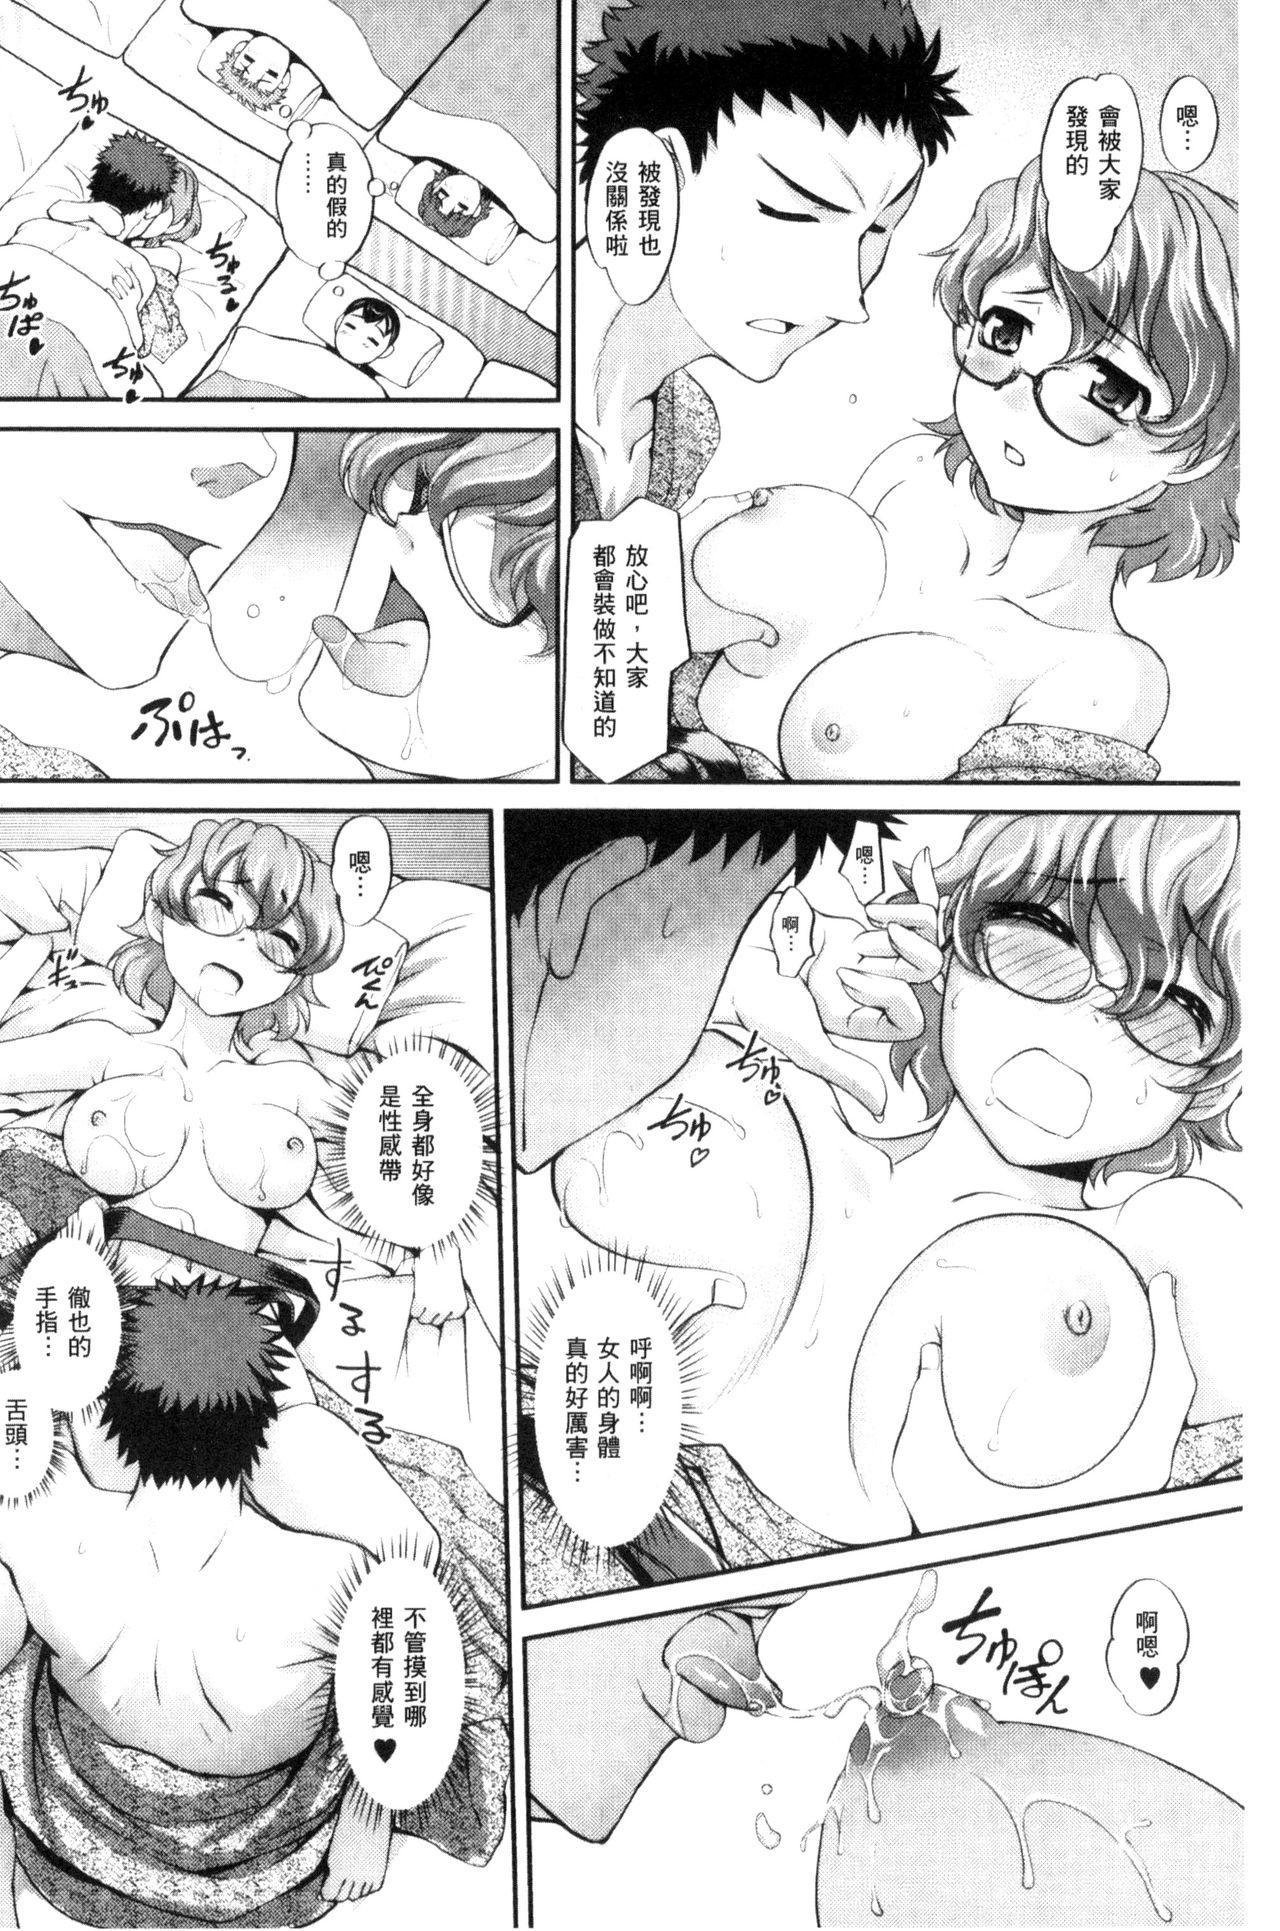 Nyotaika Ouji to Okotasare Hime 28